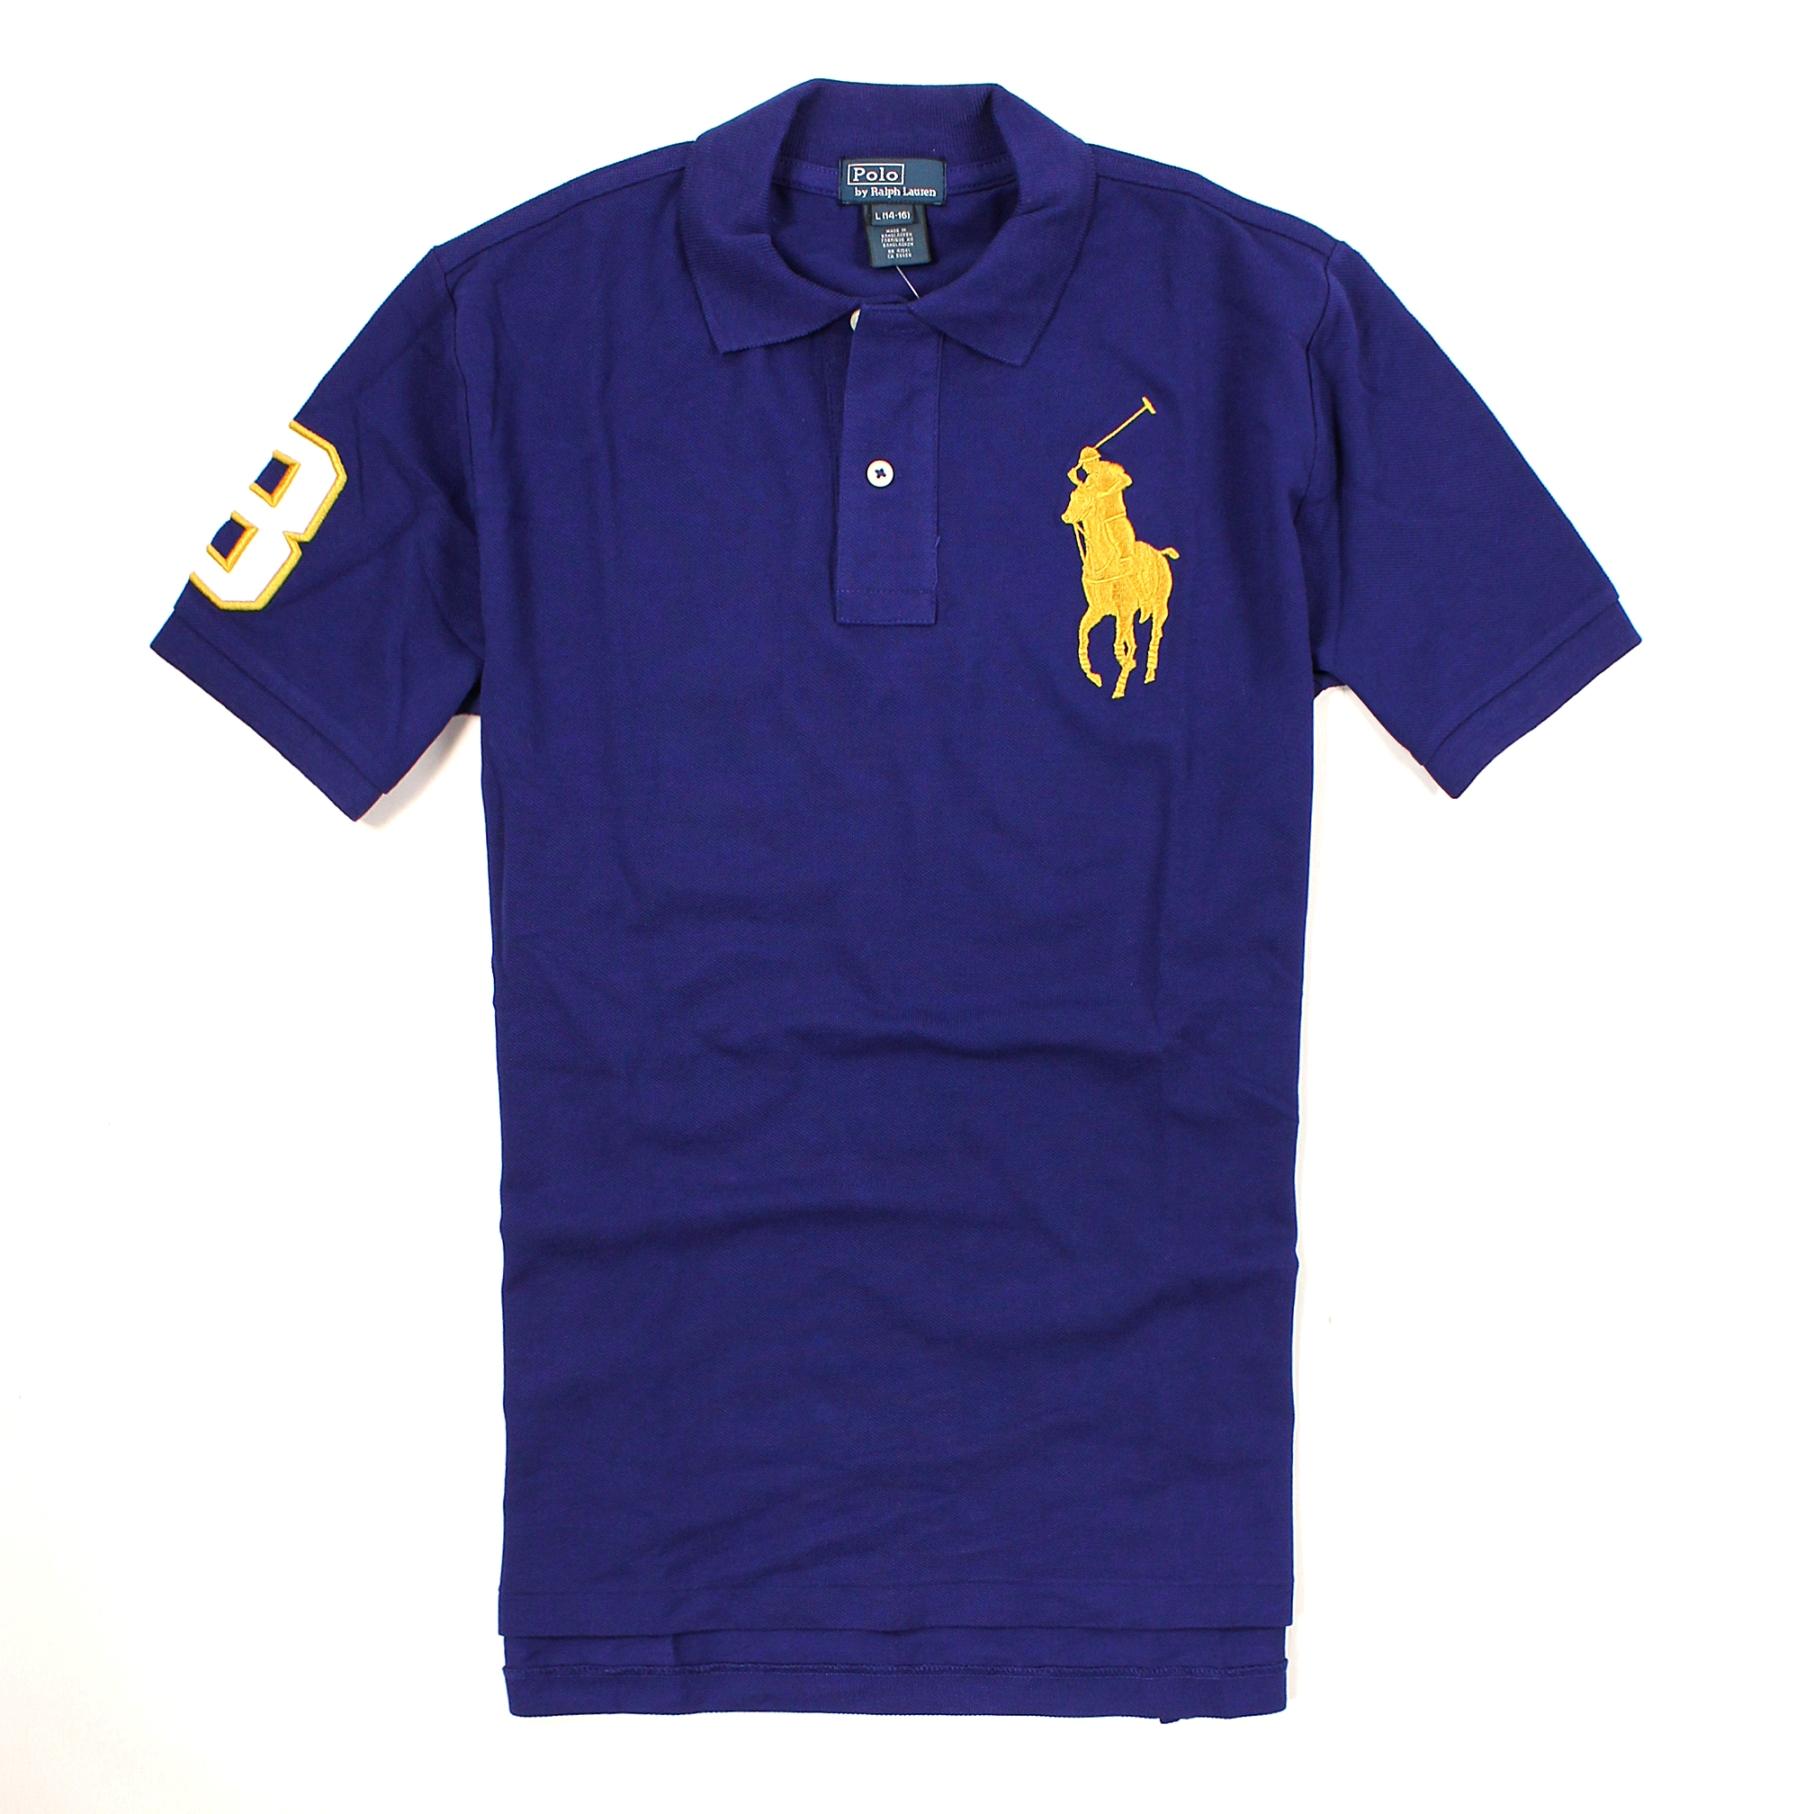 美國百分百【全新真品】Ralph Lauren Polo衫 RL 短袖 上衣 Polo 大馬 金馬 寶藍 純棉 網眼 男 XS號